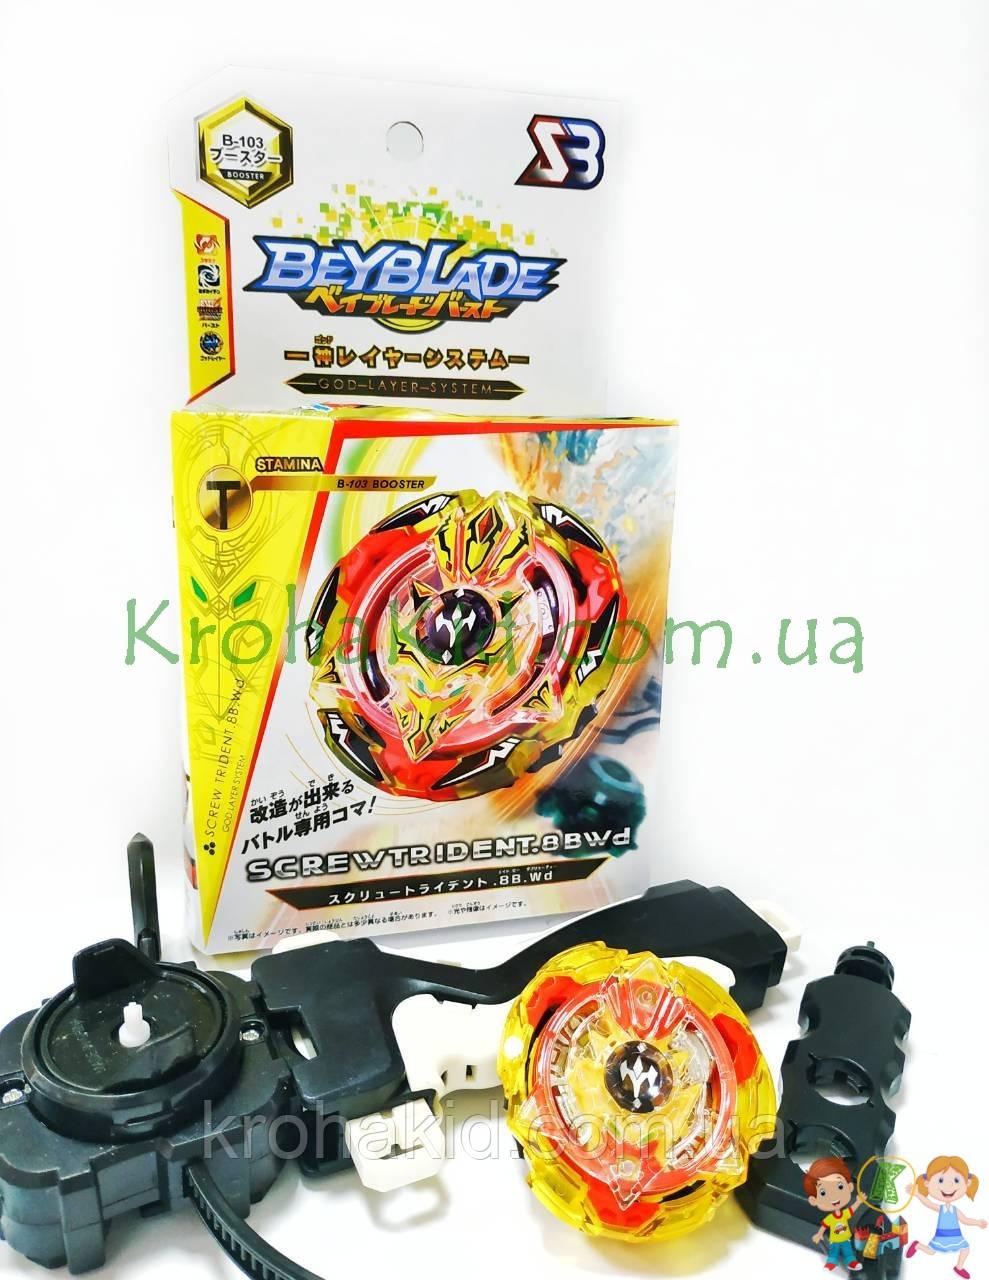 Іграшка BeyBlade Screw Trident B-103 / Бейблейд Скрю Трайдент / Тризуб (жовтий з червоним) SB